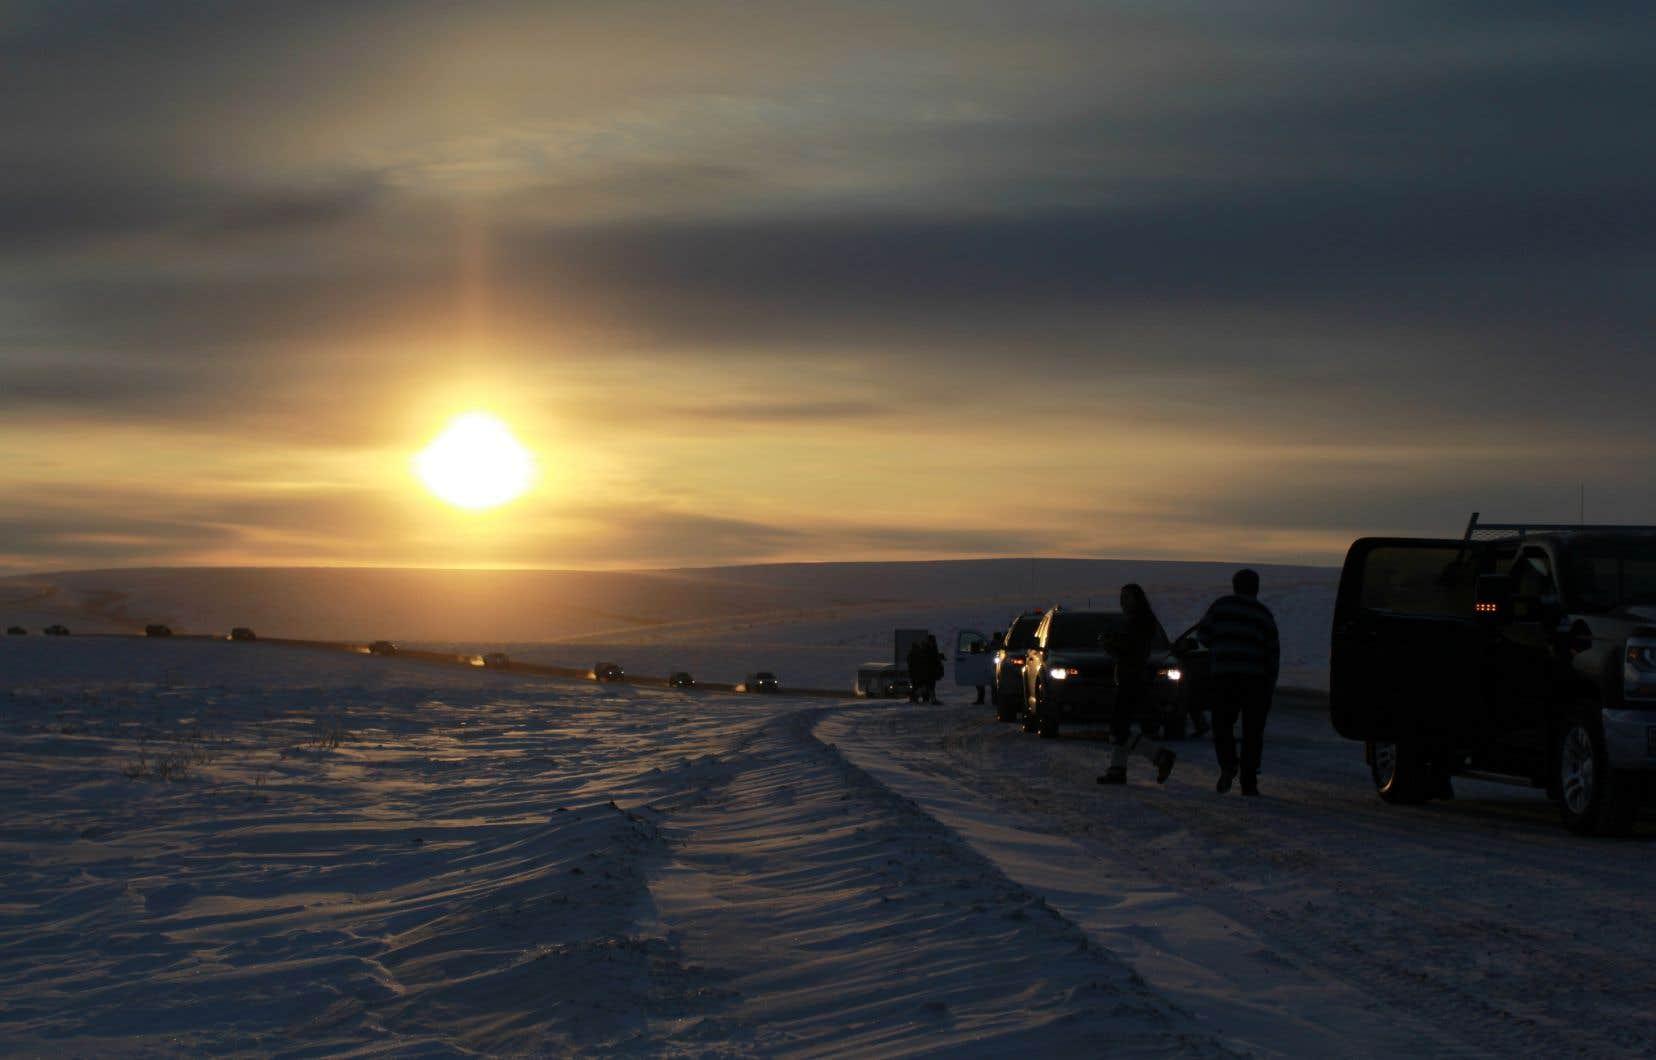 L'autoroute Inuvik-Tuktoyaktuk a ouvert ses portes le 15 novembre 2017. La route était désiré depuis plus de 50 ans et relie la ville d'Inuvik (3484 personnes) et le hameau de Tuktoyaktuk (930 personnes).